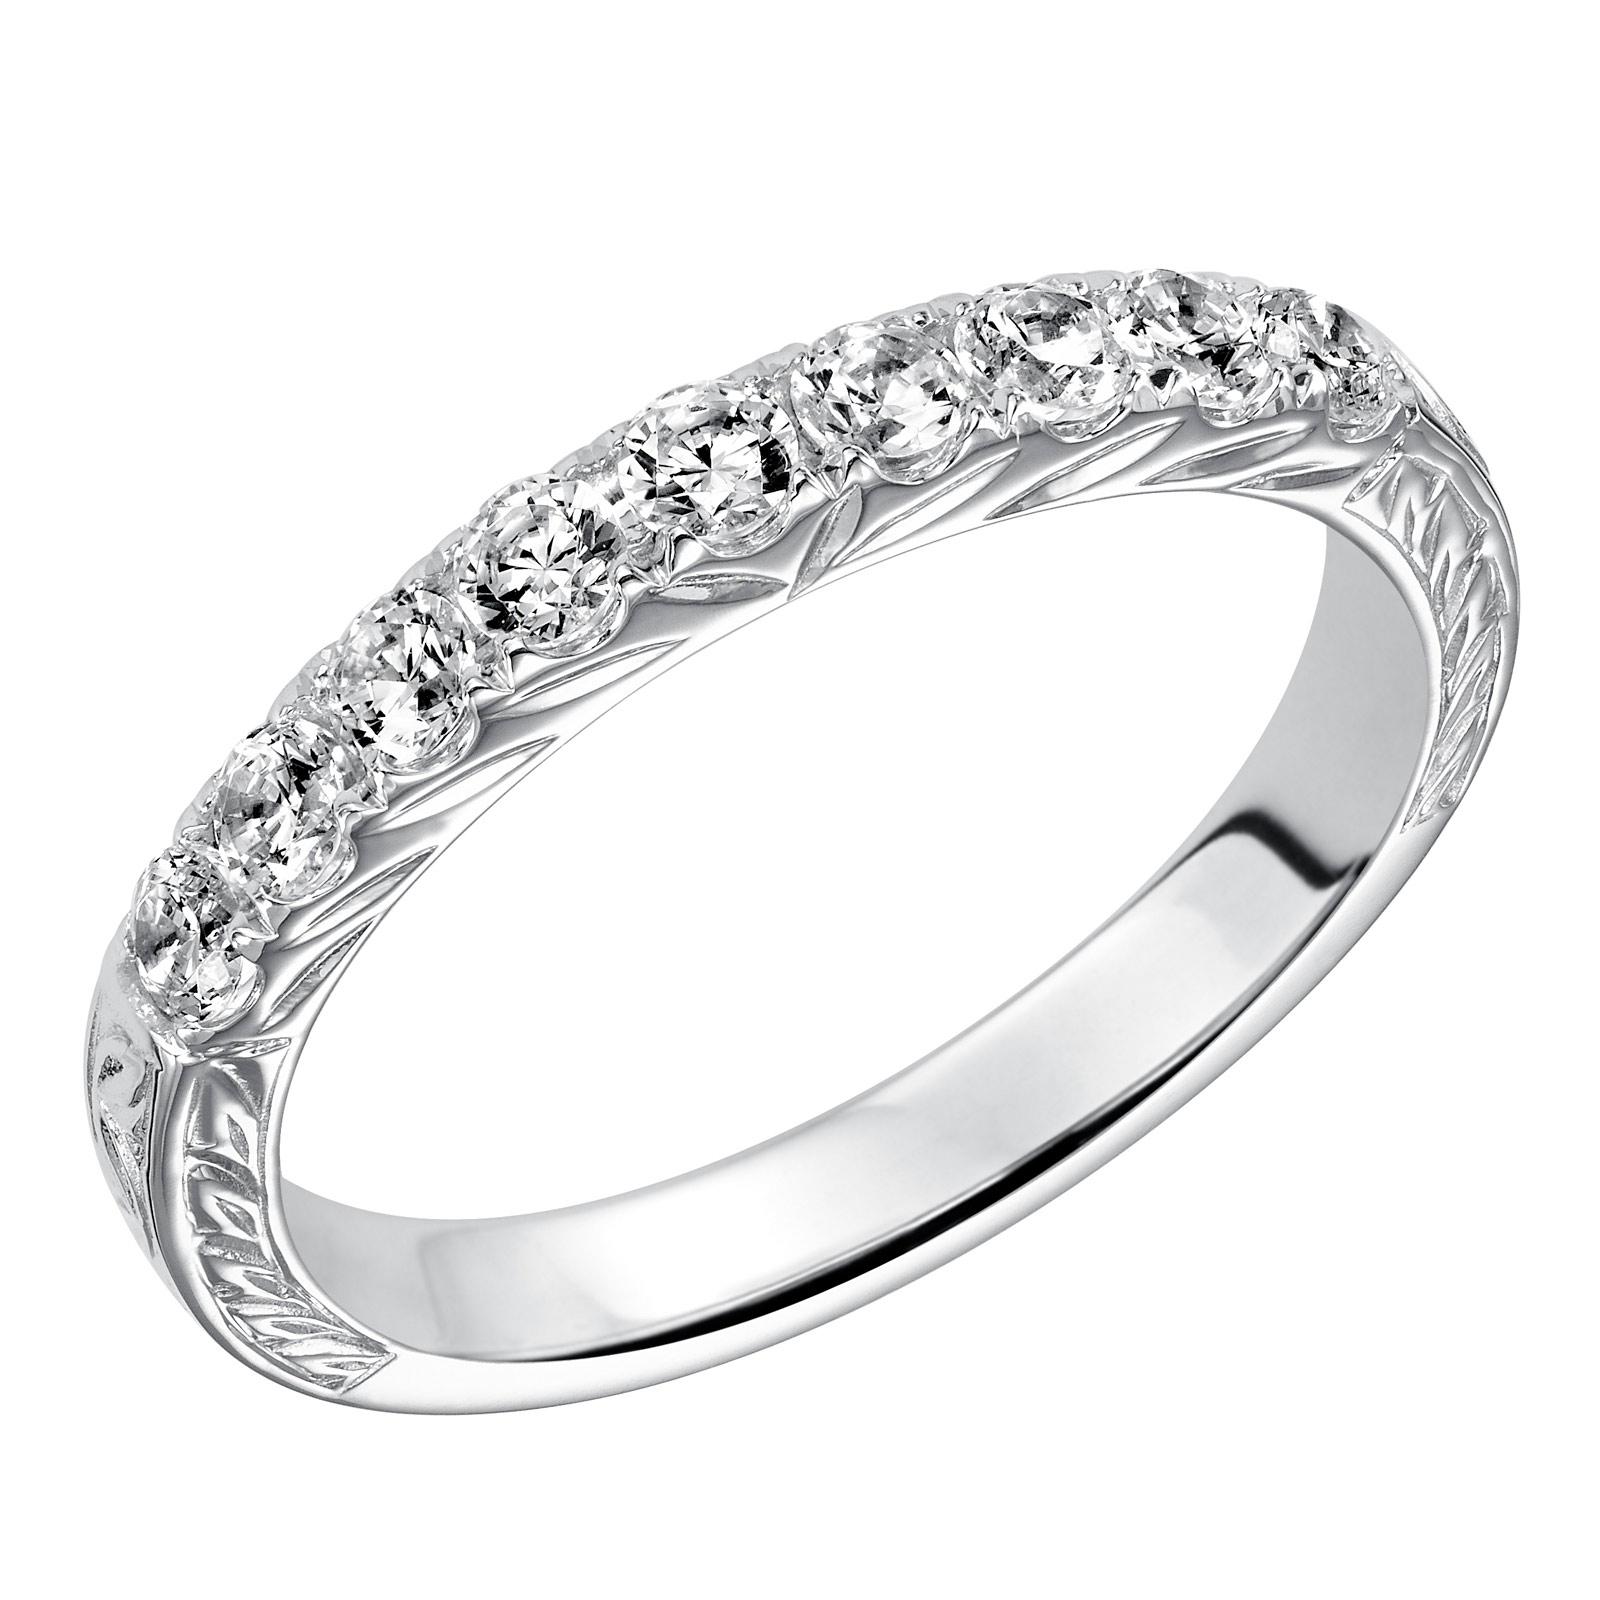 Goldman ring 33 9126w l00 long island ny goldman for Long island wedding bands